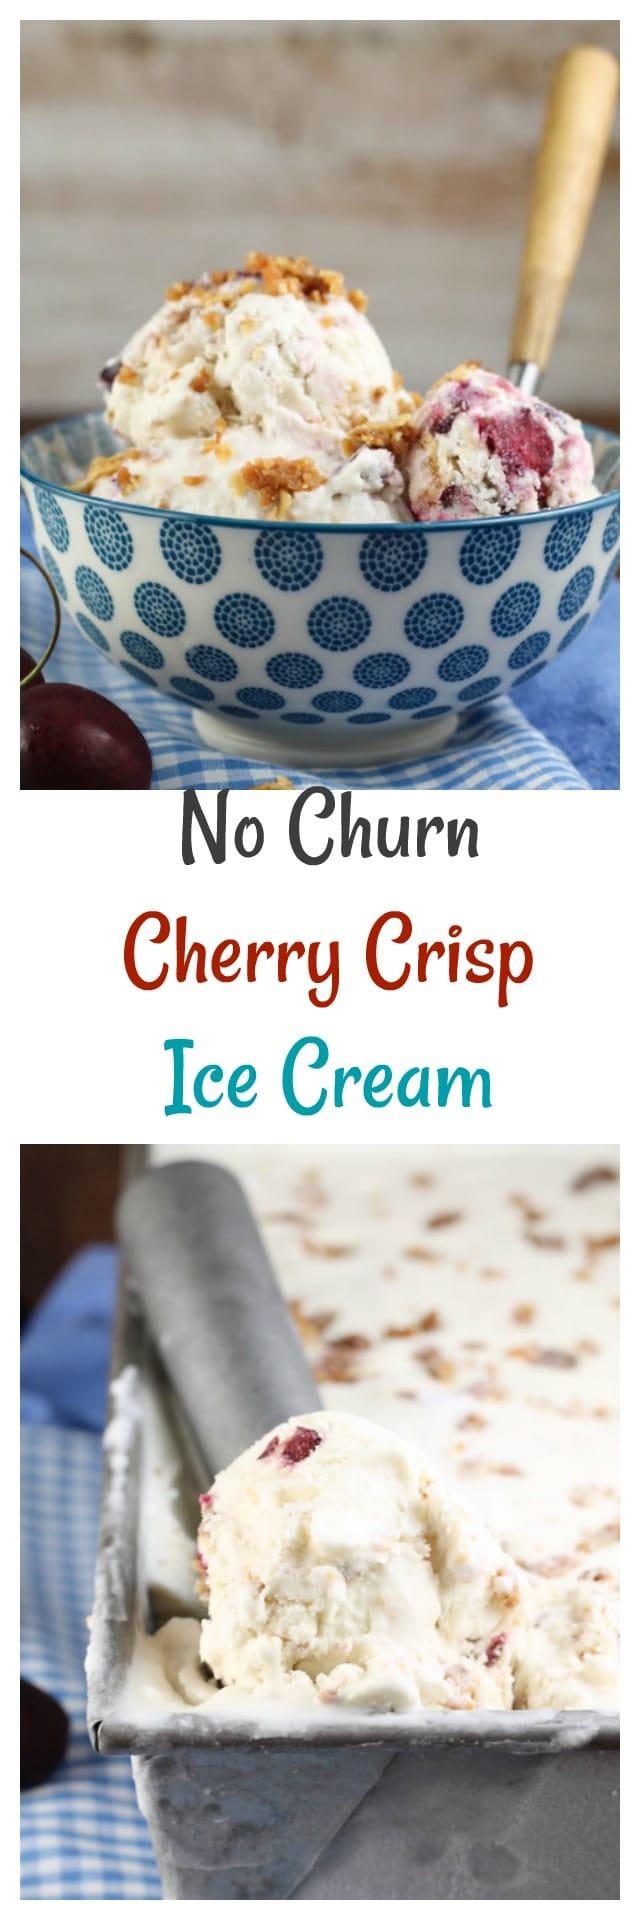 No Churn Cherry Crisp Ice Cream for #SummerDessertWeek from MissintheKitchen.com